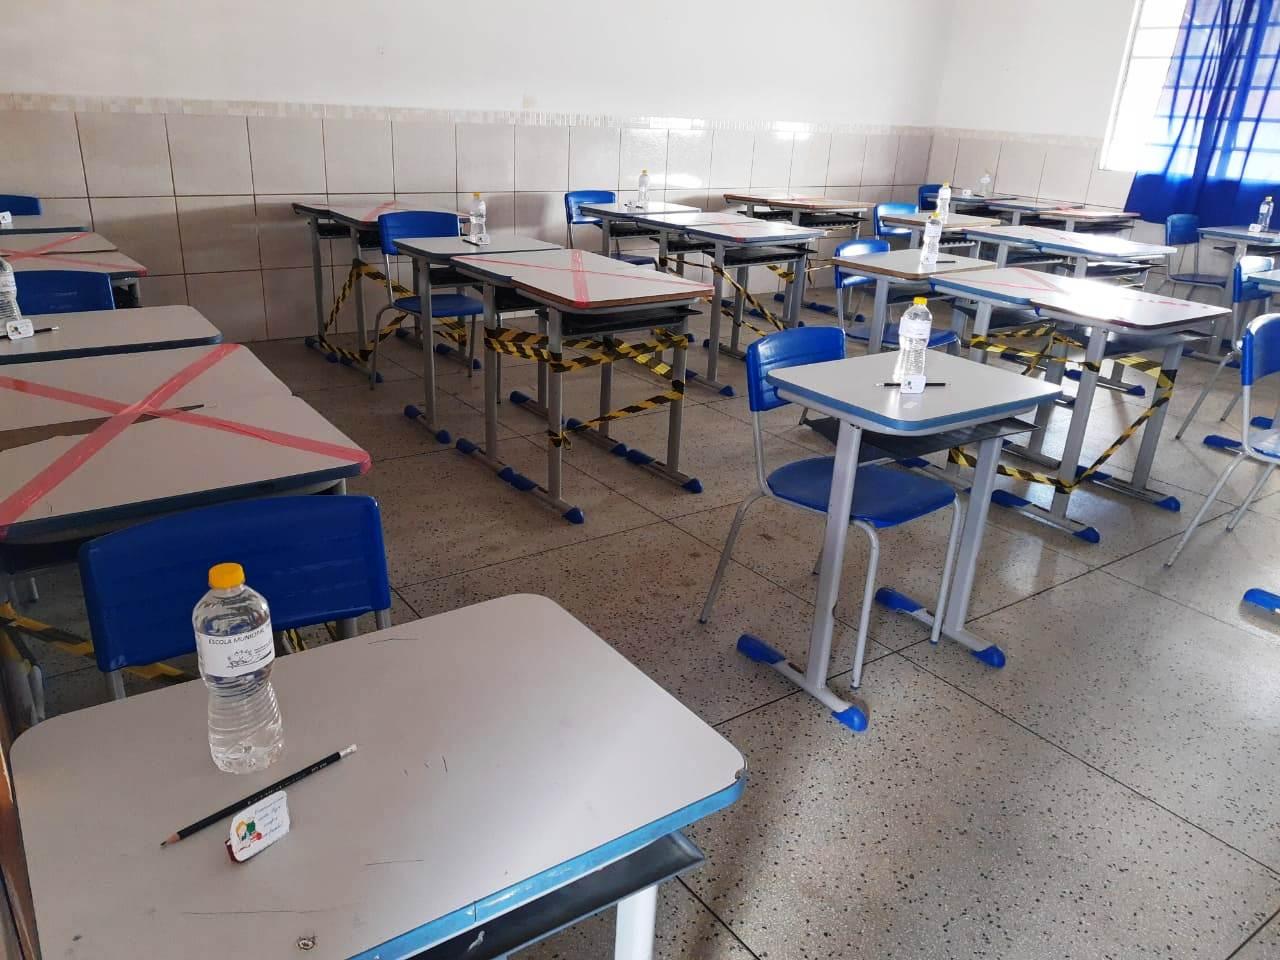 Simulado-SAEB-SEDUC-PMM03 Rede Municipal de ensino de Monteiro promove aplicação de simulados preparatórios para o SAEB